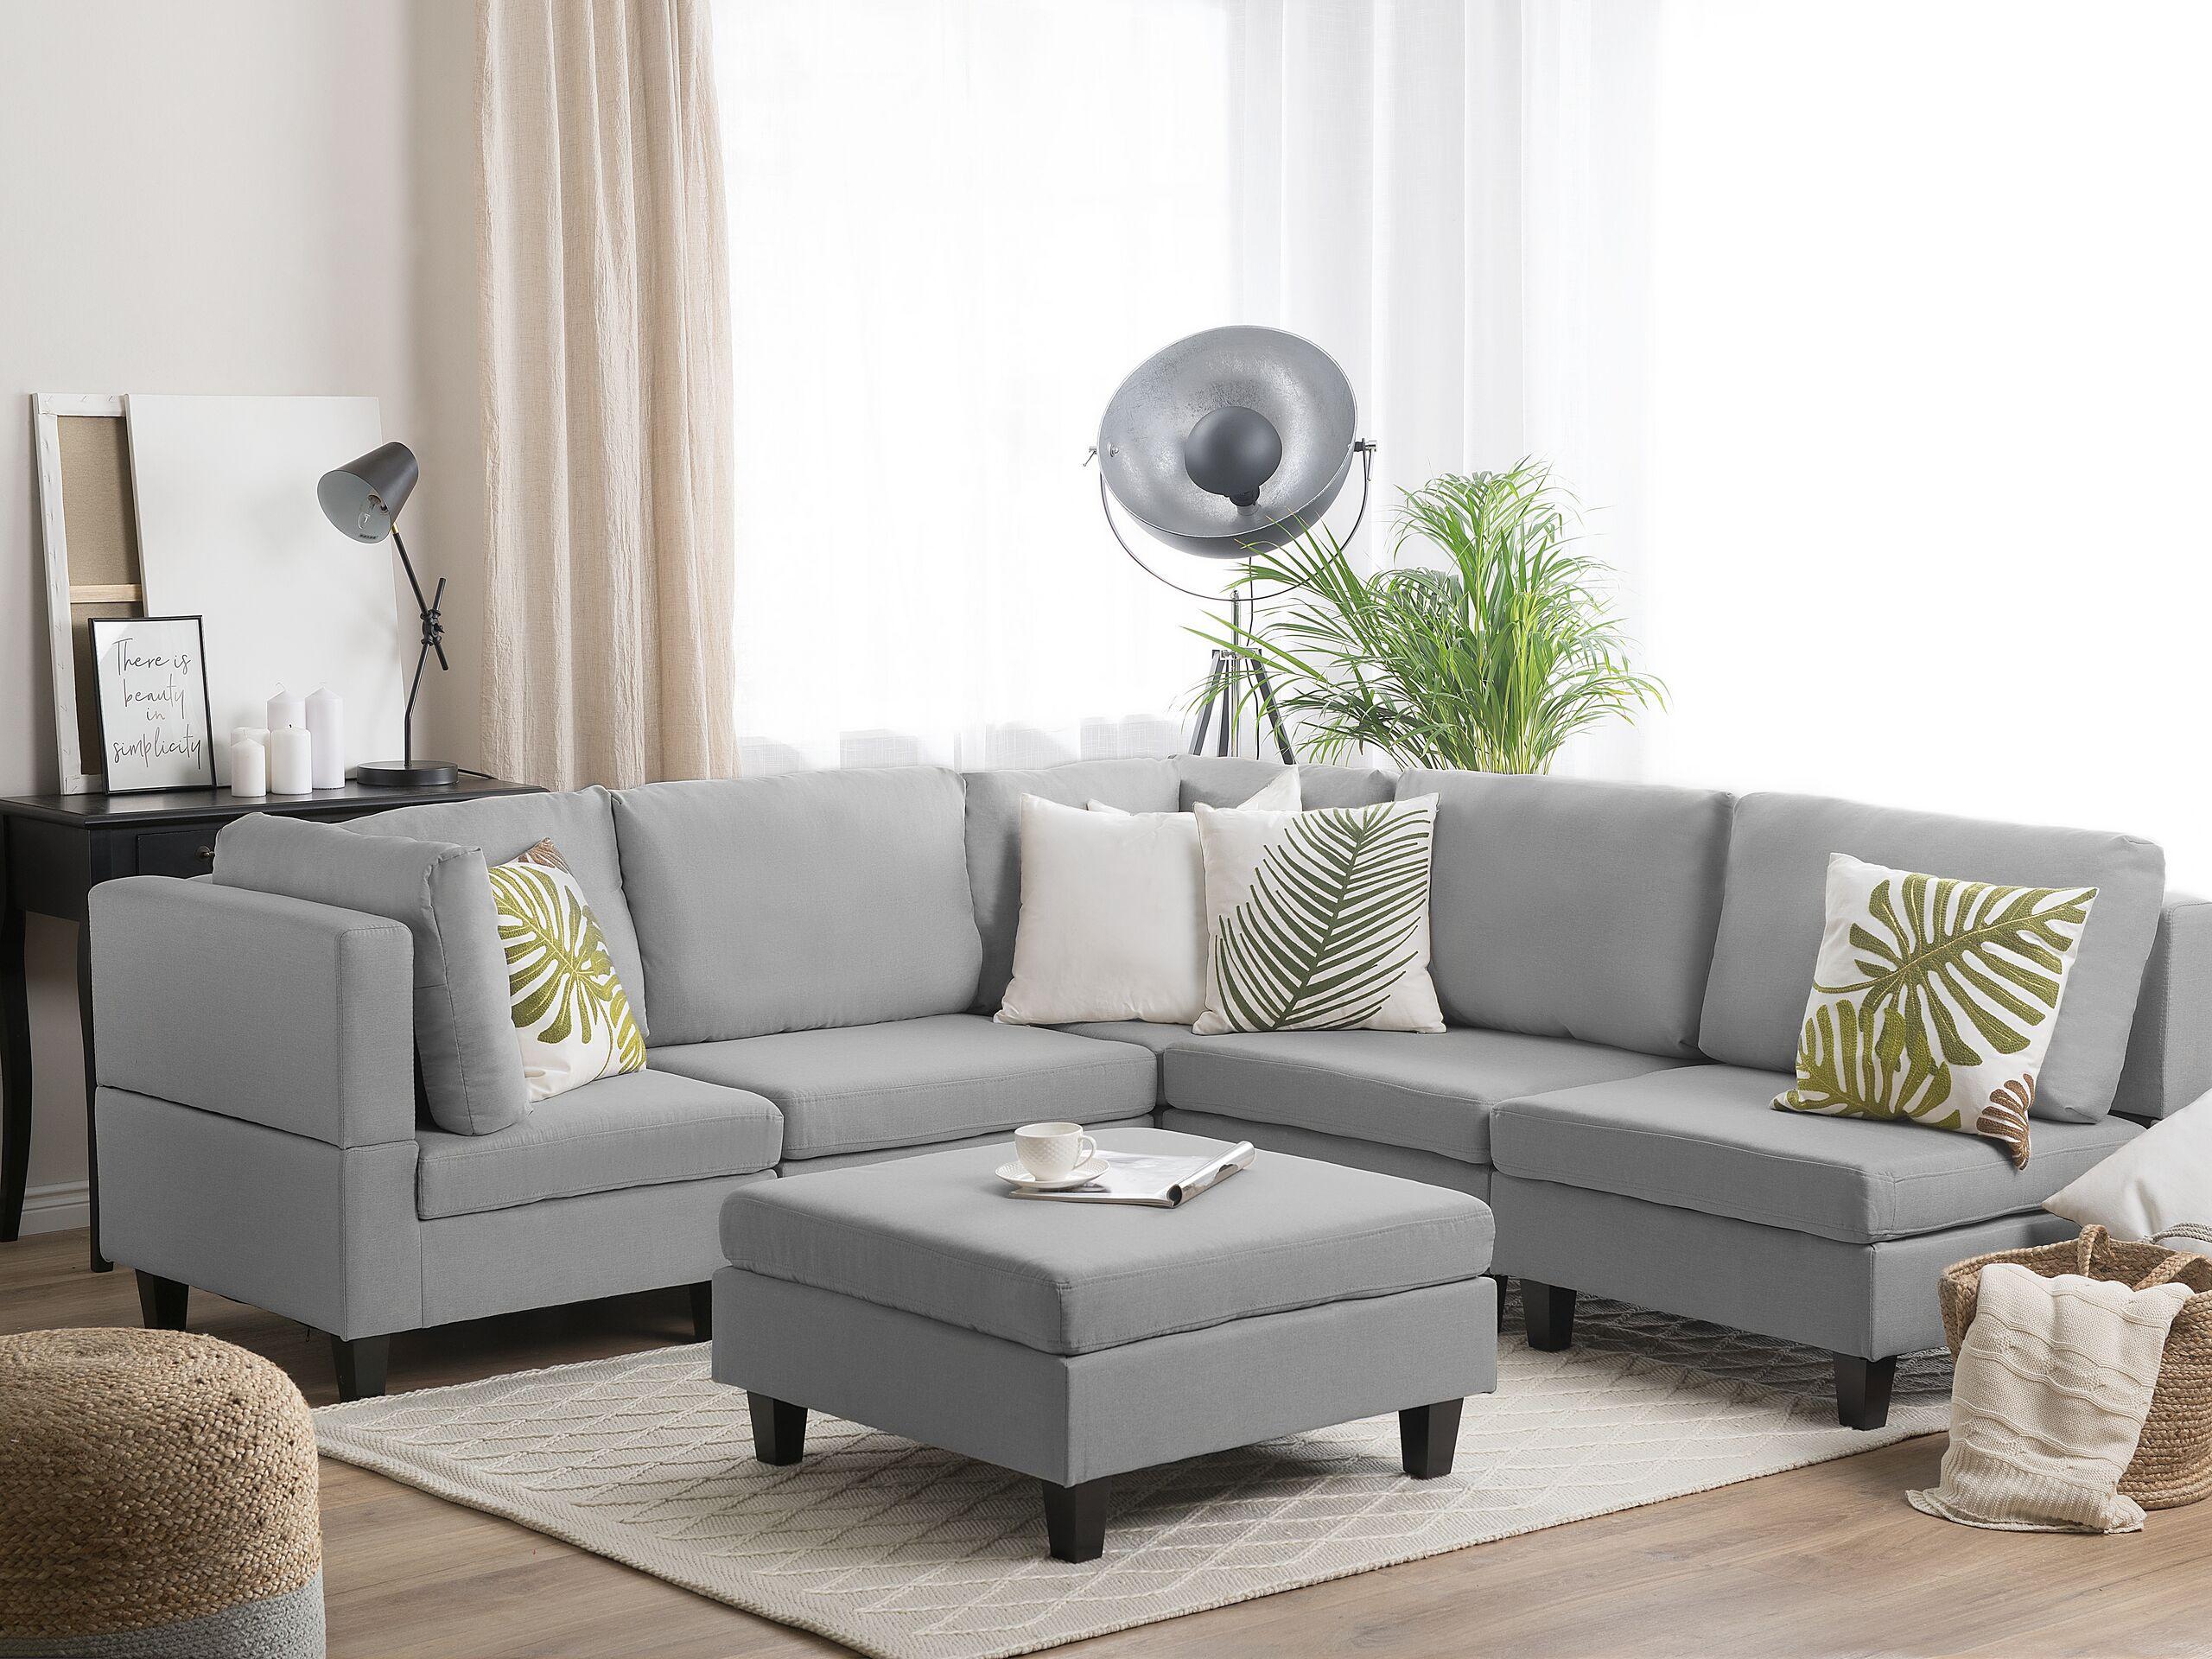 Canapé angle modulable 5 places en tissu gris clair avec pouf ottoman